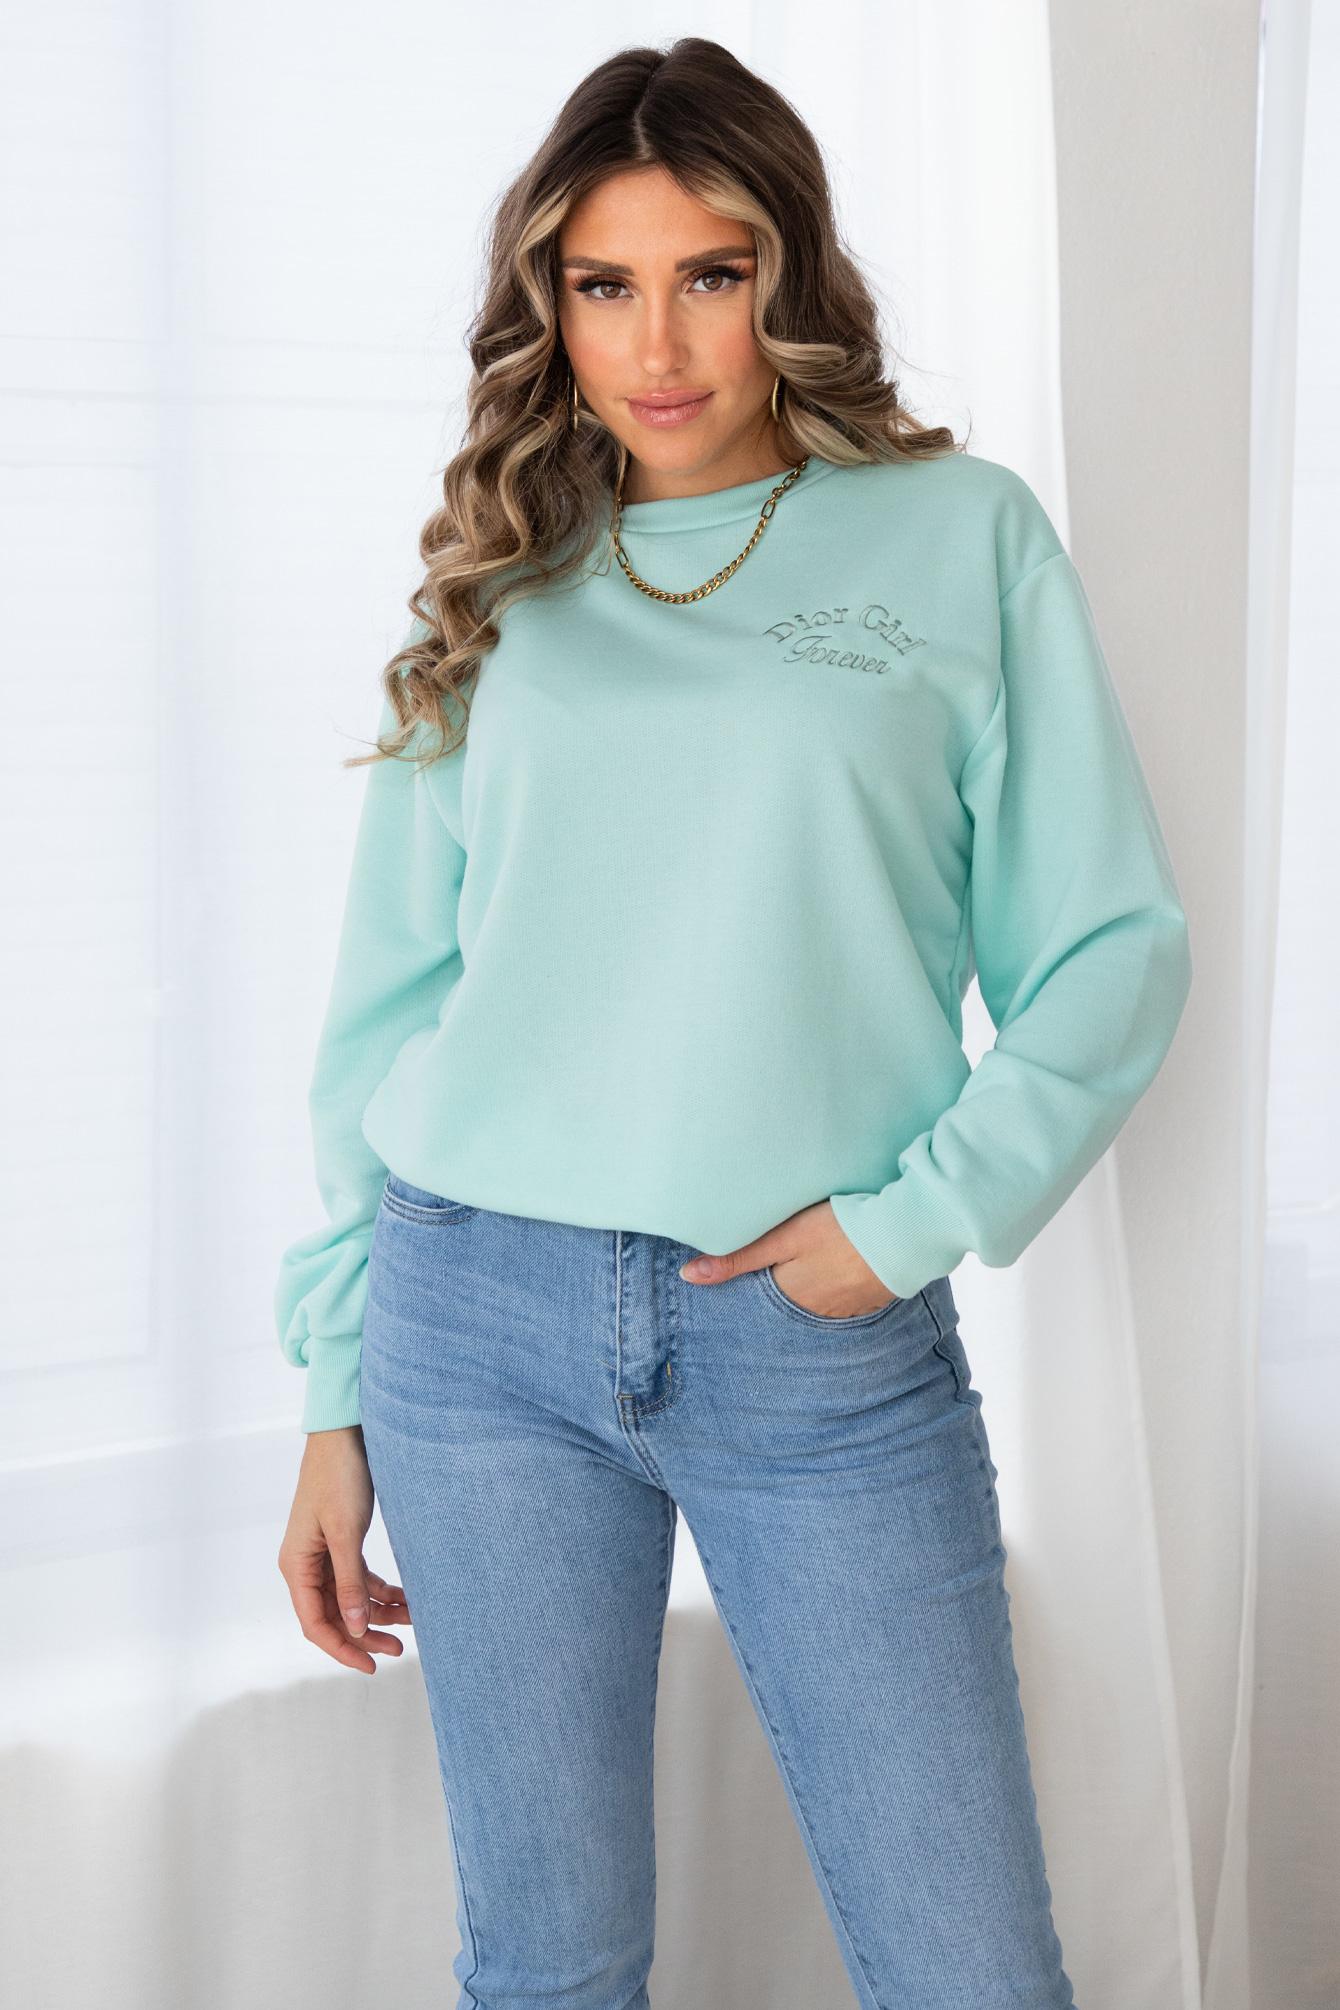 D Girl Forever sweater